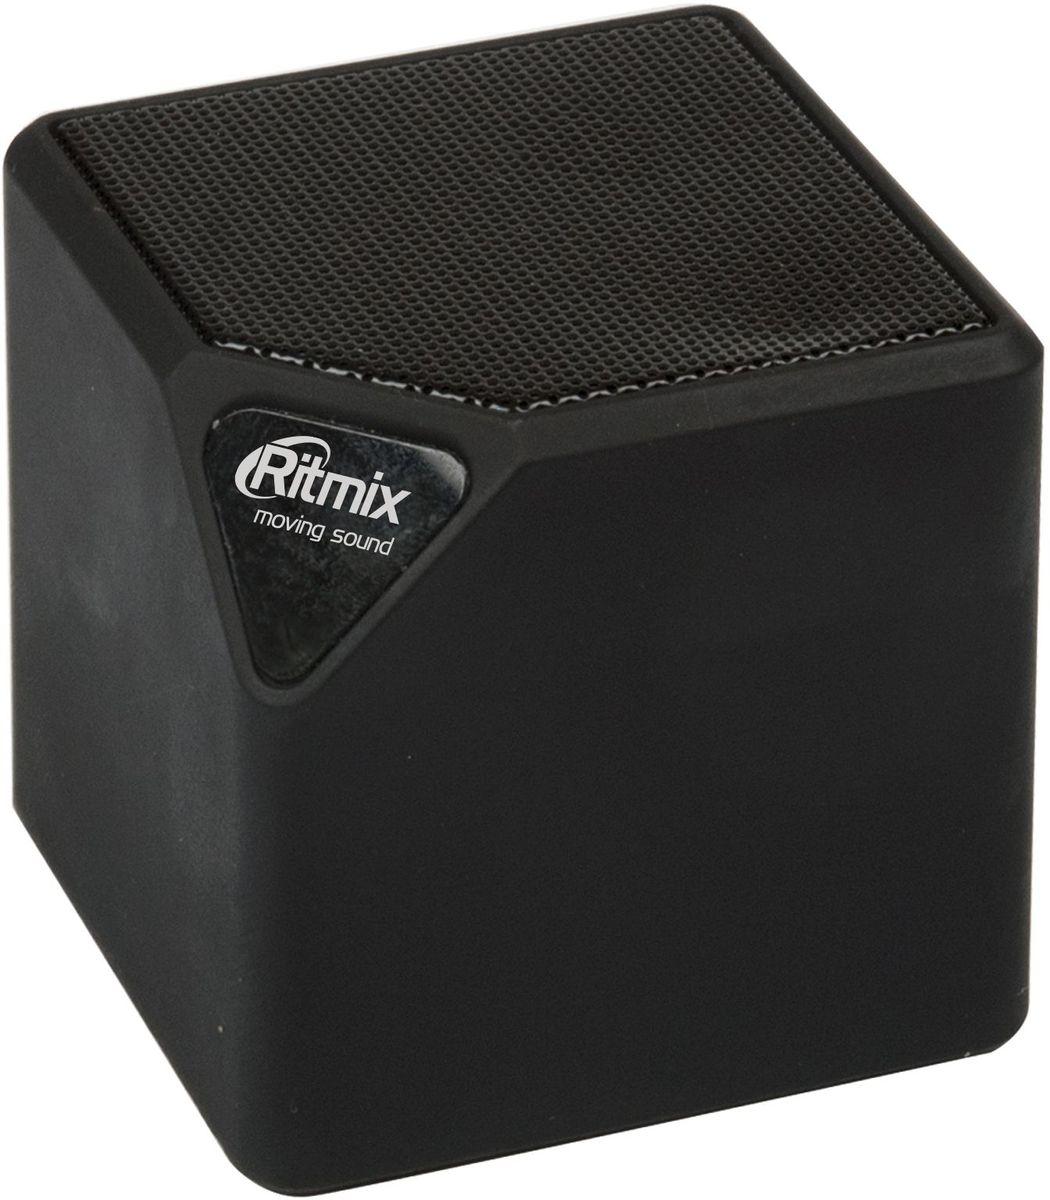 Ritmix SP-140B, Black портативная акустическая система rolsen rbm612bt black портативная акустическая система